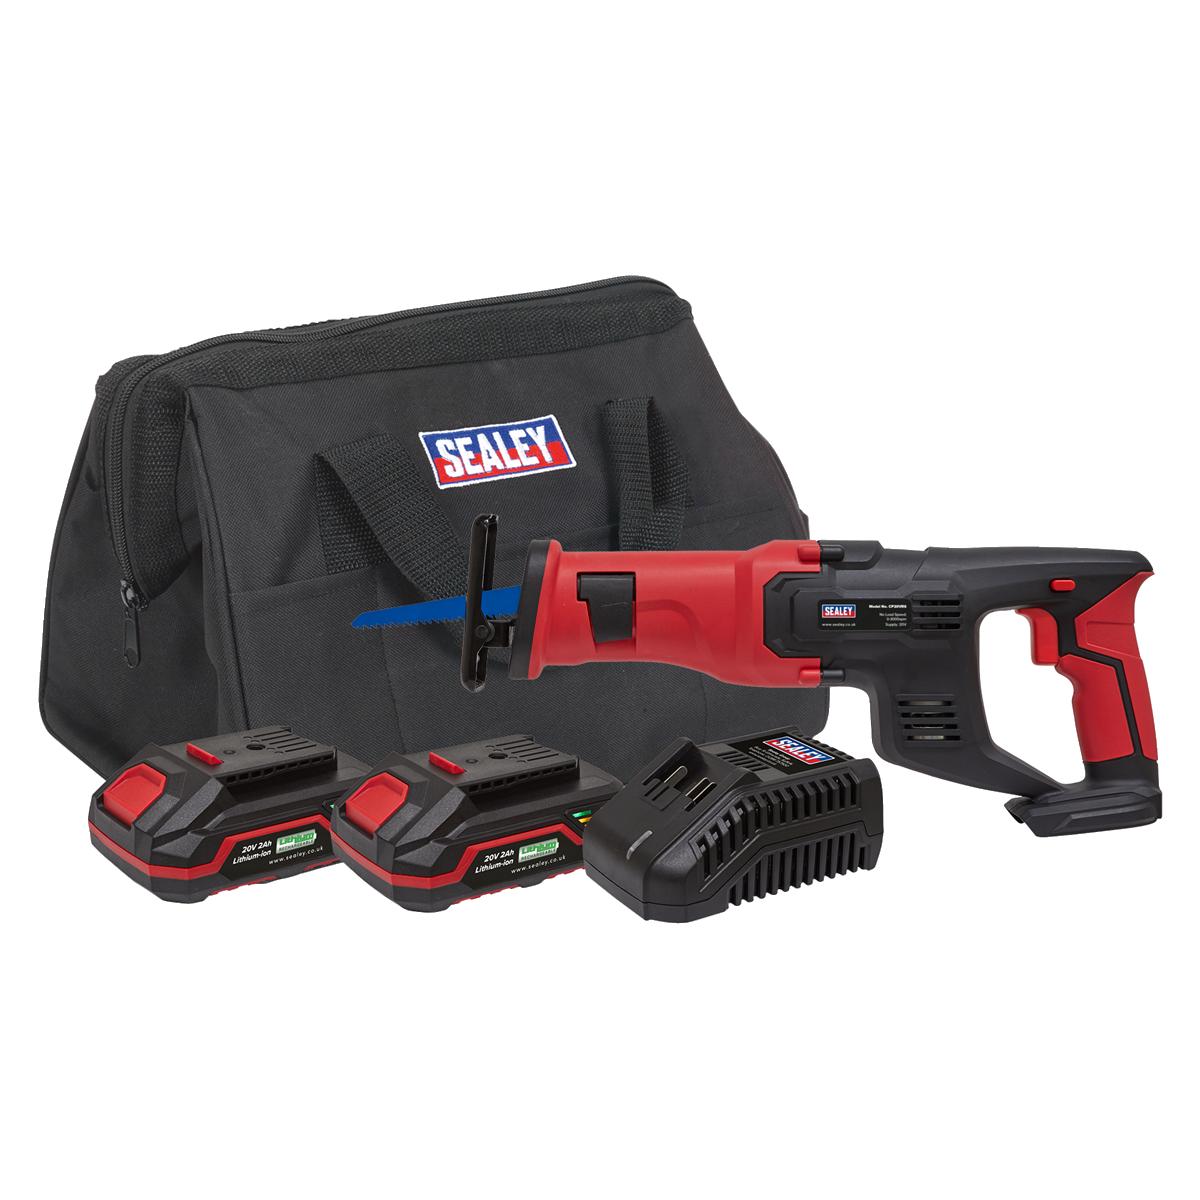 Cordless Reciprocating Saw Kit 20V - 2 Batteries